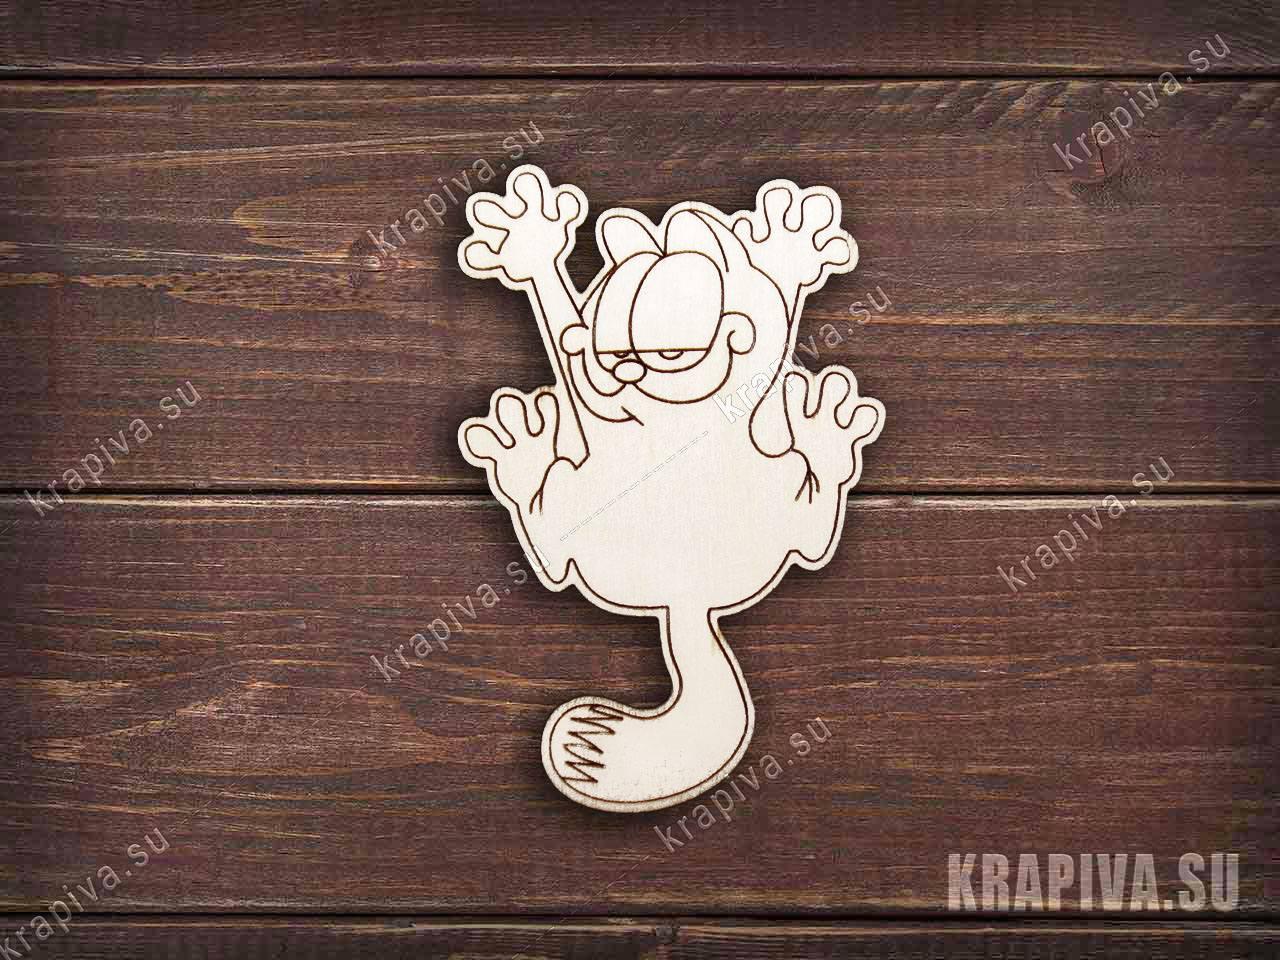 Гарфилд заготовка значка за 35 руб. в магазине Крапива (krapiva.su) (фото)